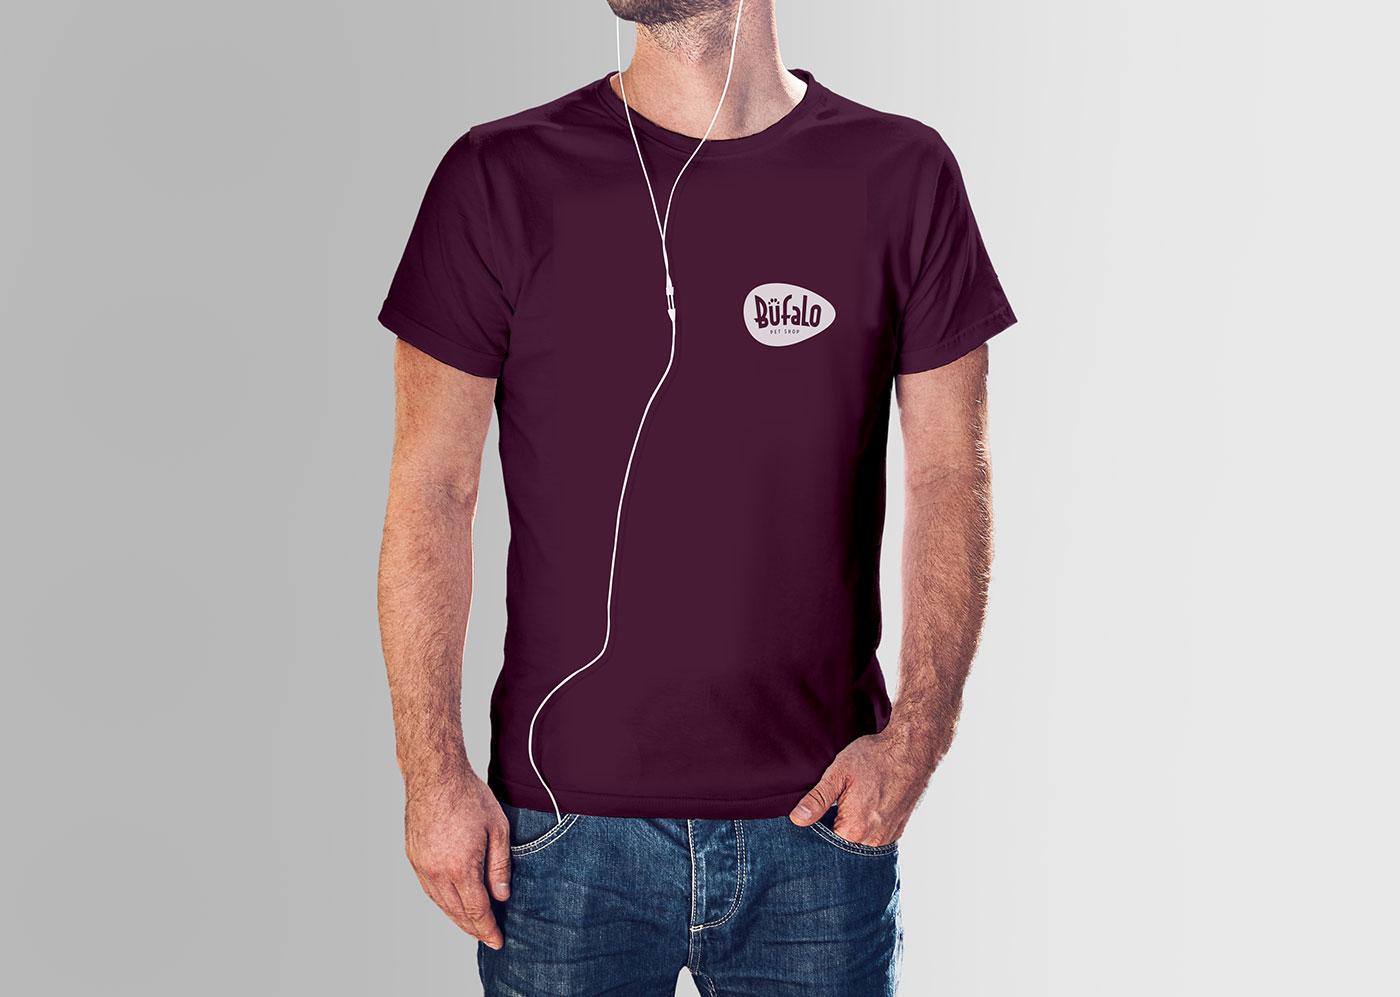 bufalo-camiseta